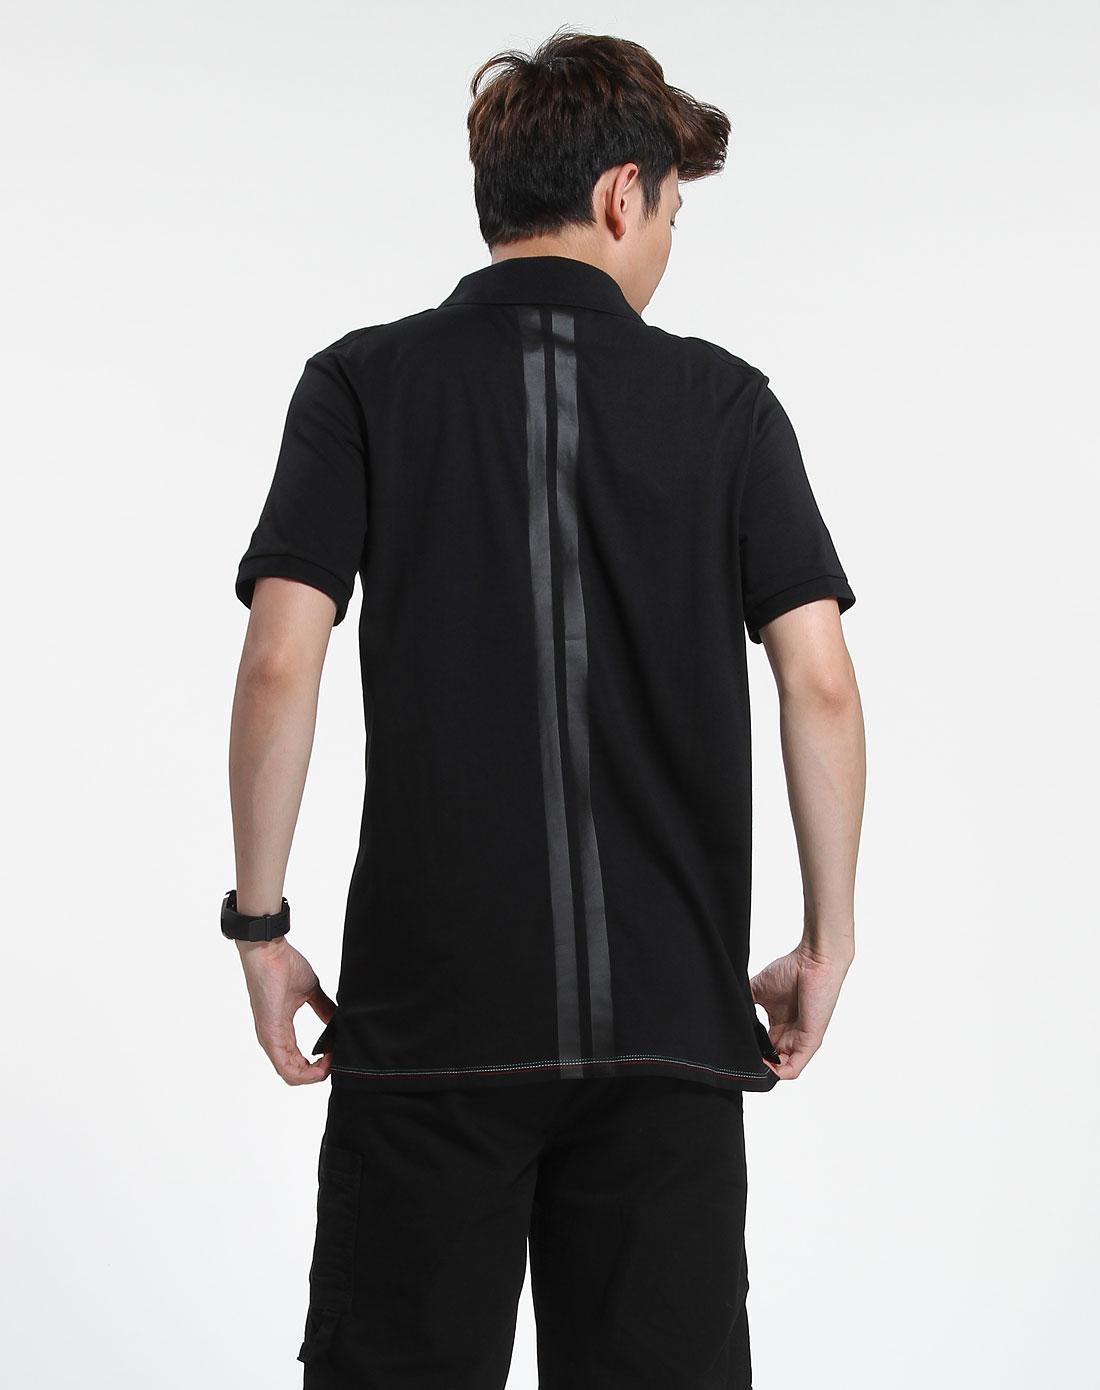 黑色时尚短袖翻领t恤